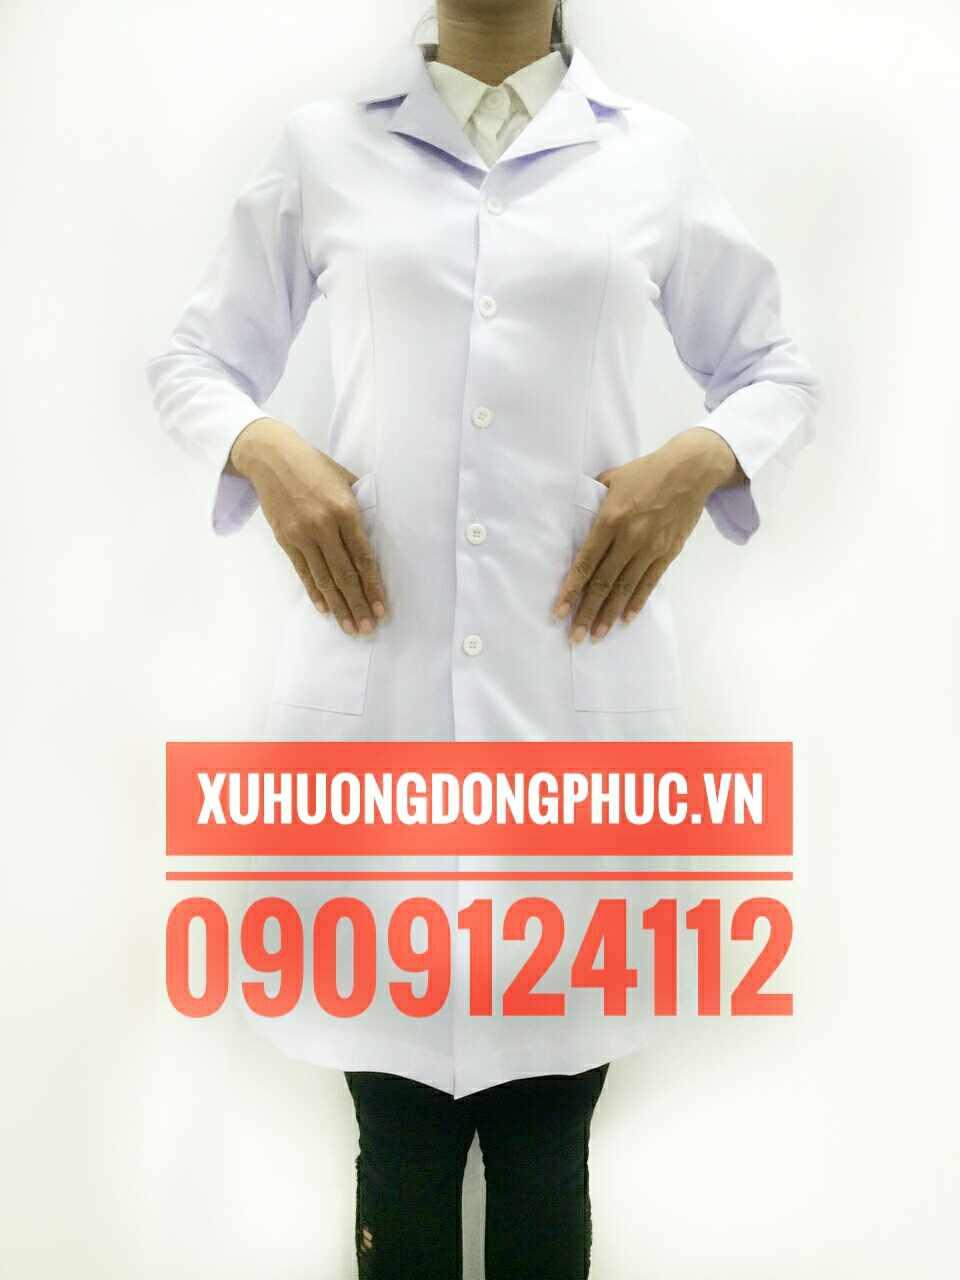 Áo blouse bác sĩ tay dài nữ kate ford